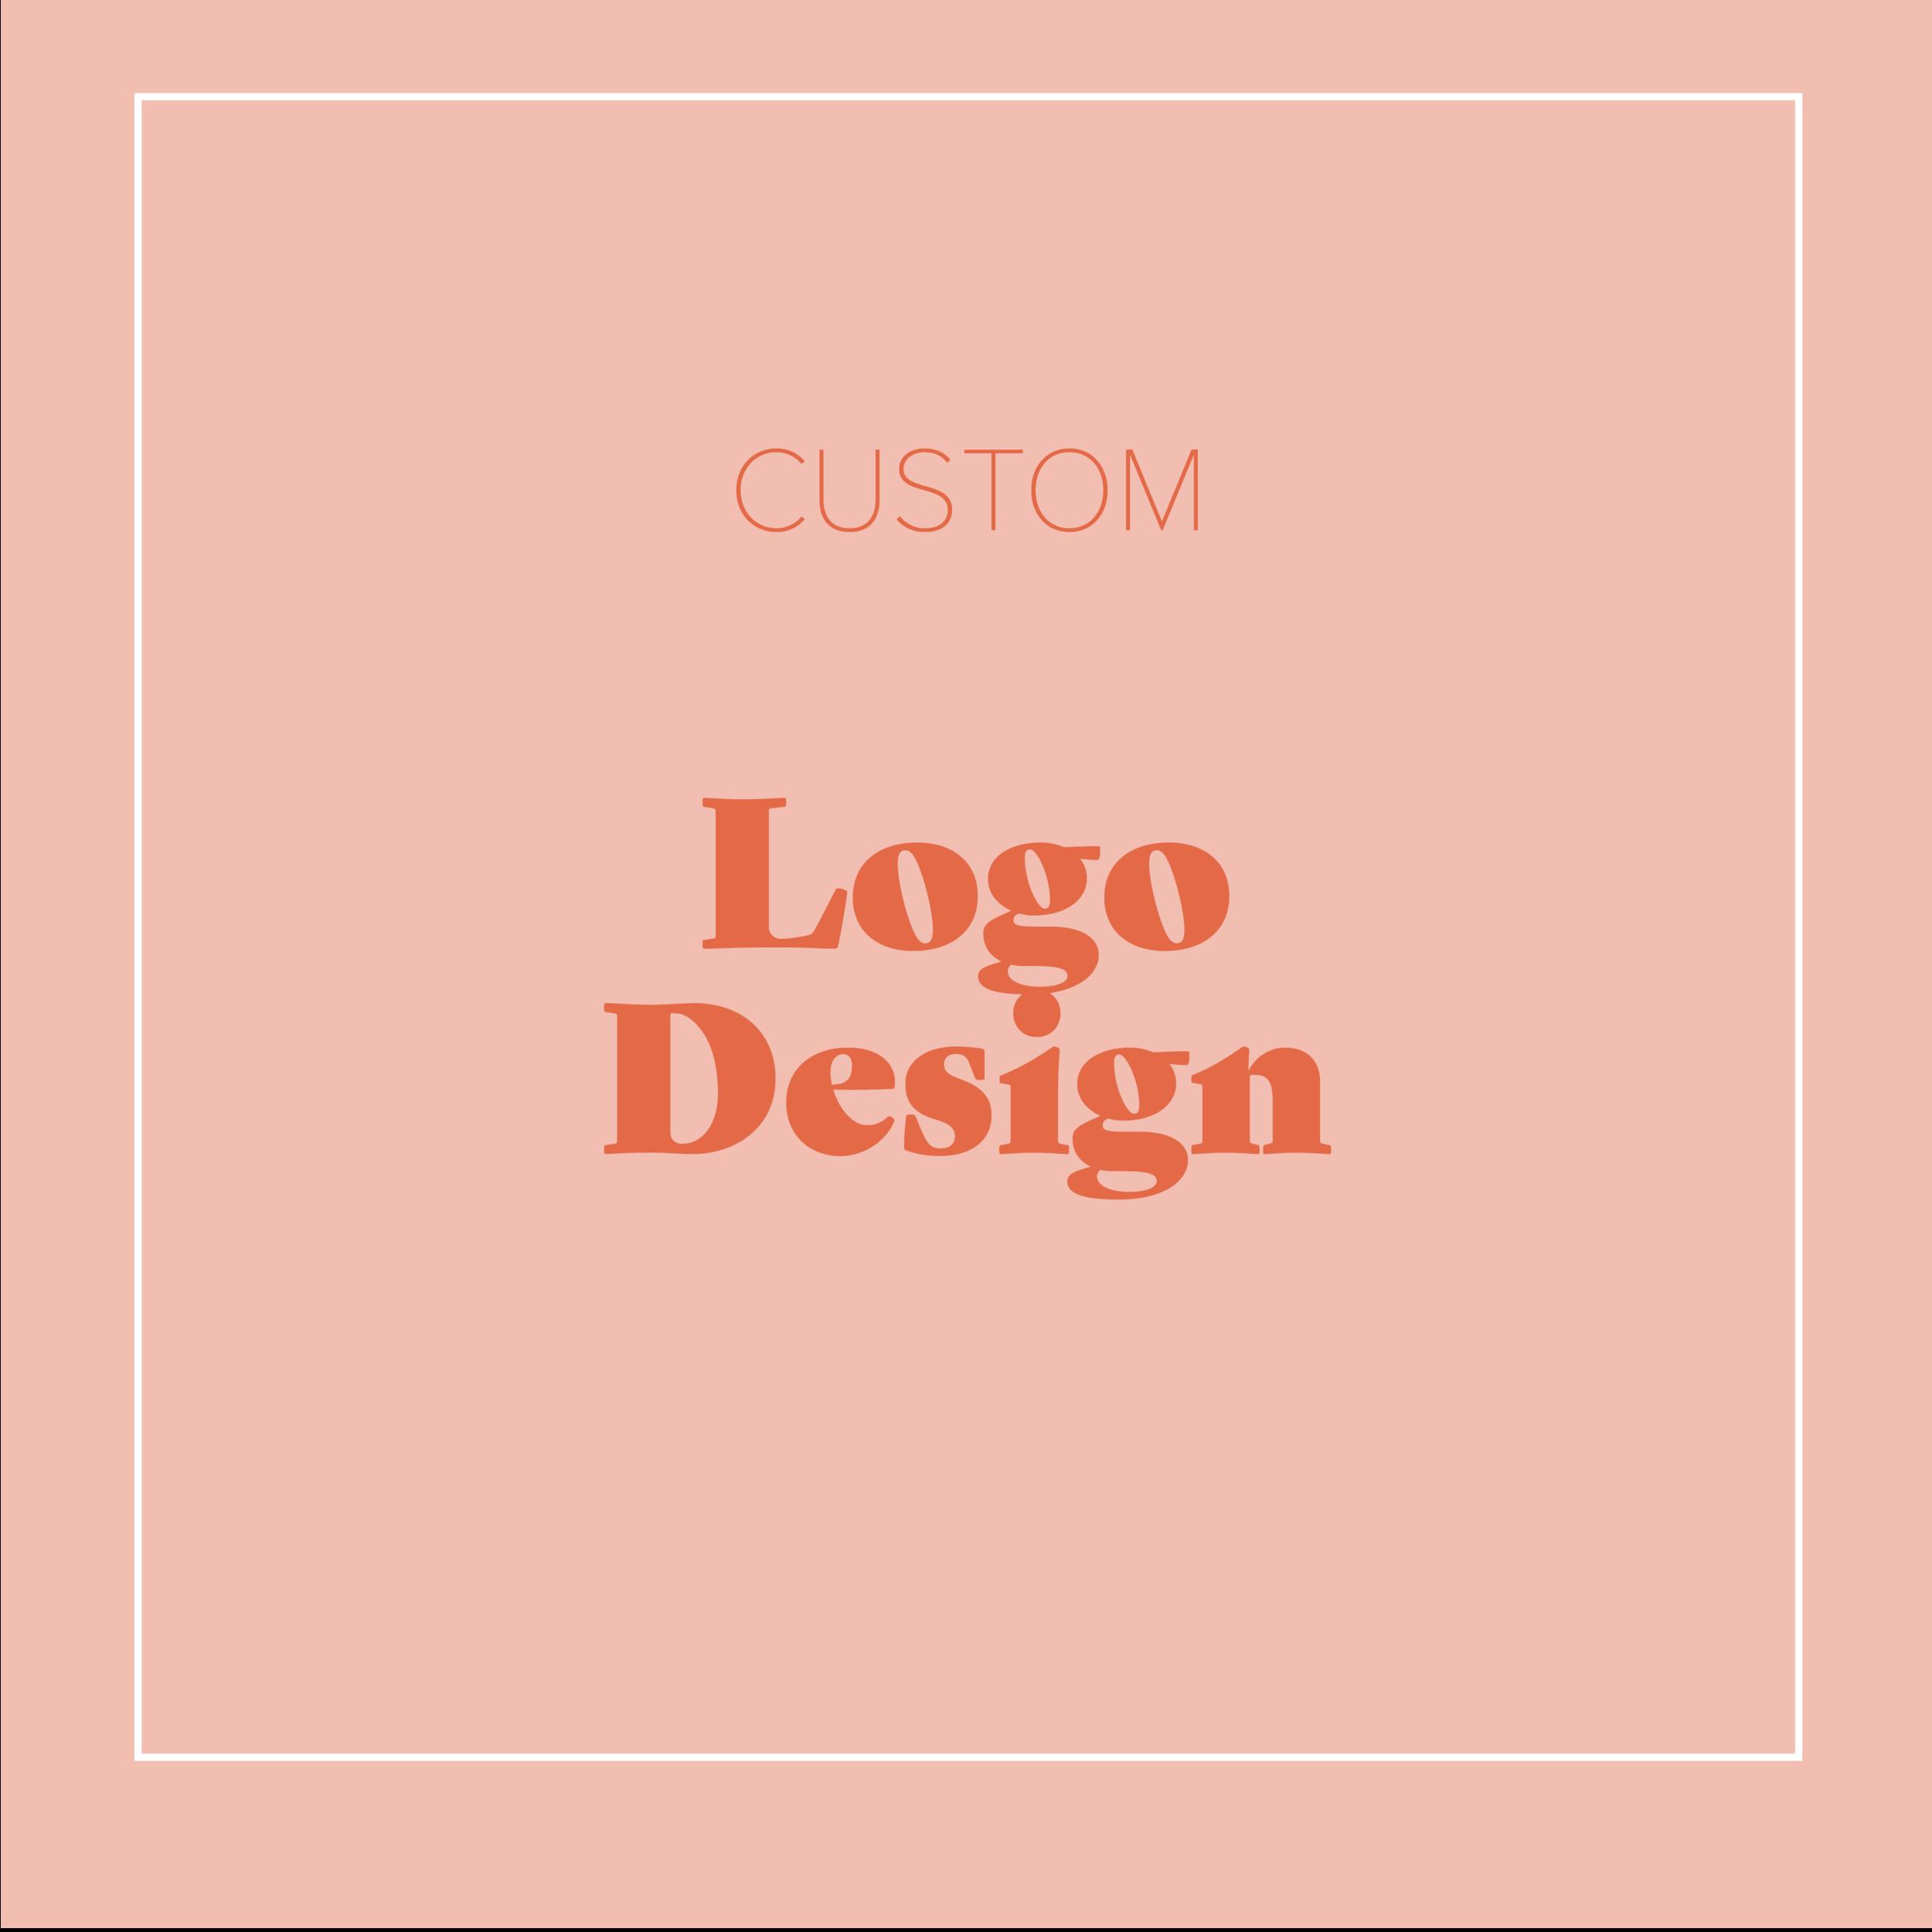 002_logodesign_stacyaguilar.png